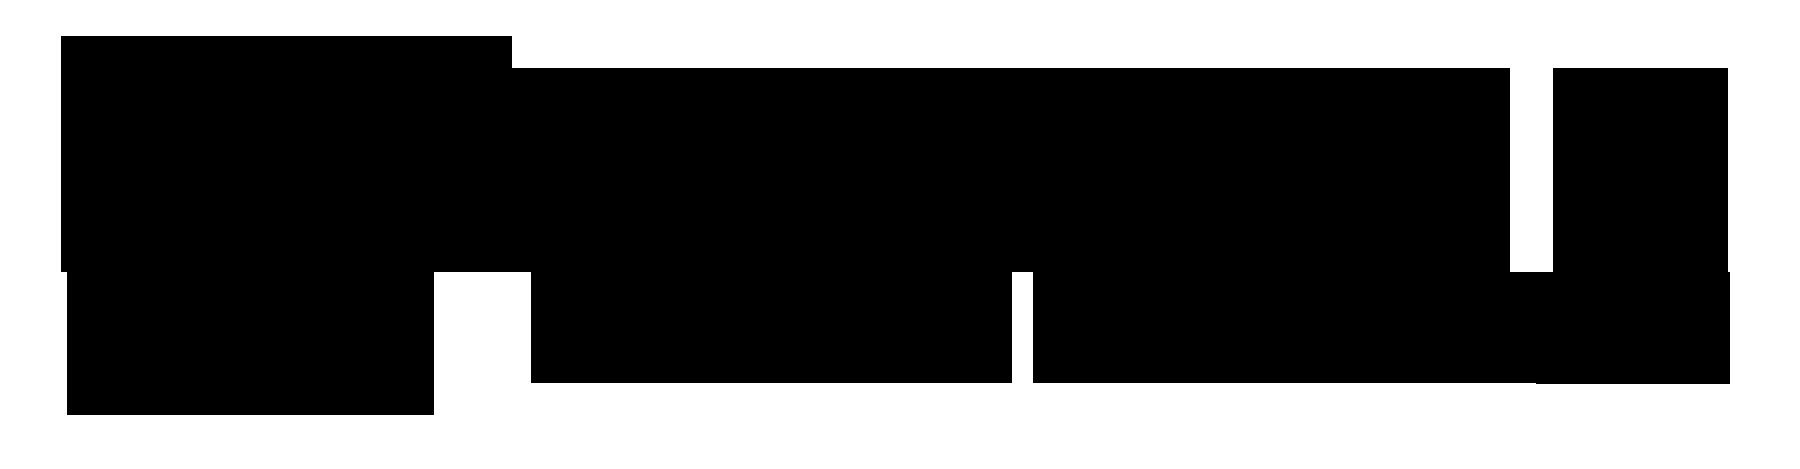 yamaha logo free2pngcom - photo #14